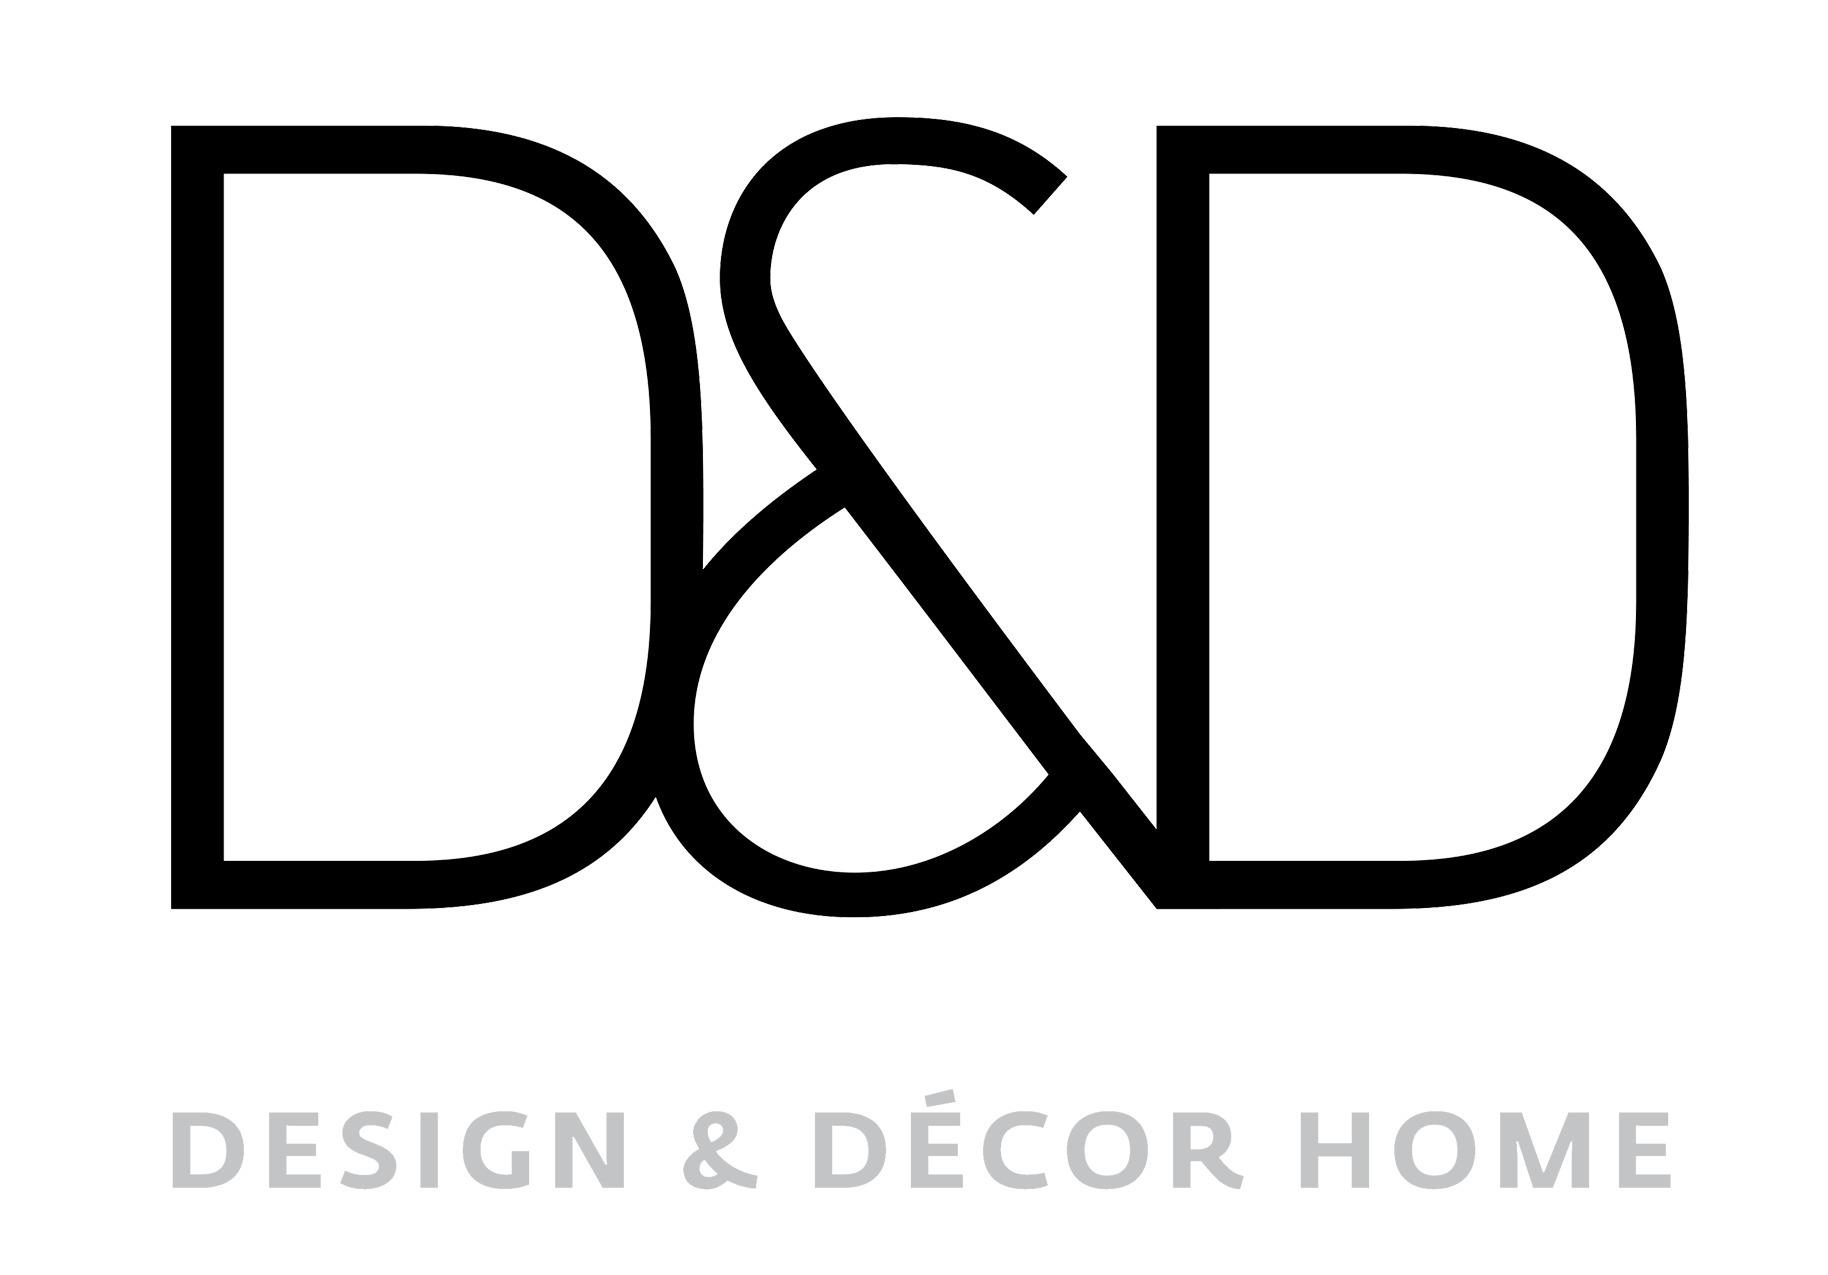 Design & Decor Home (@jesseniarahal) Cover Image